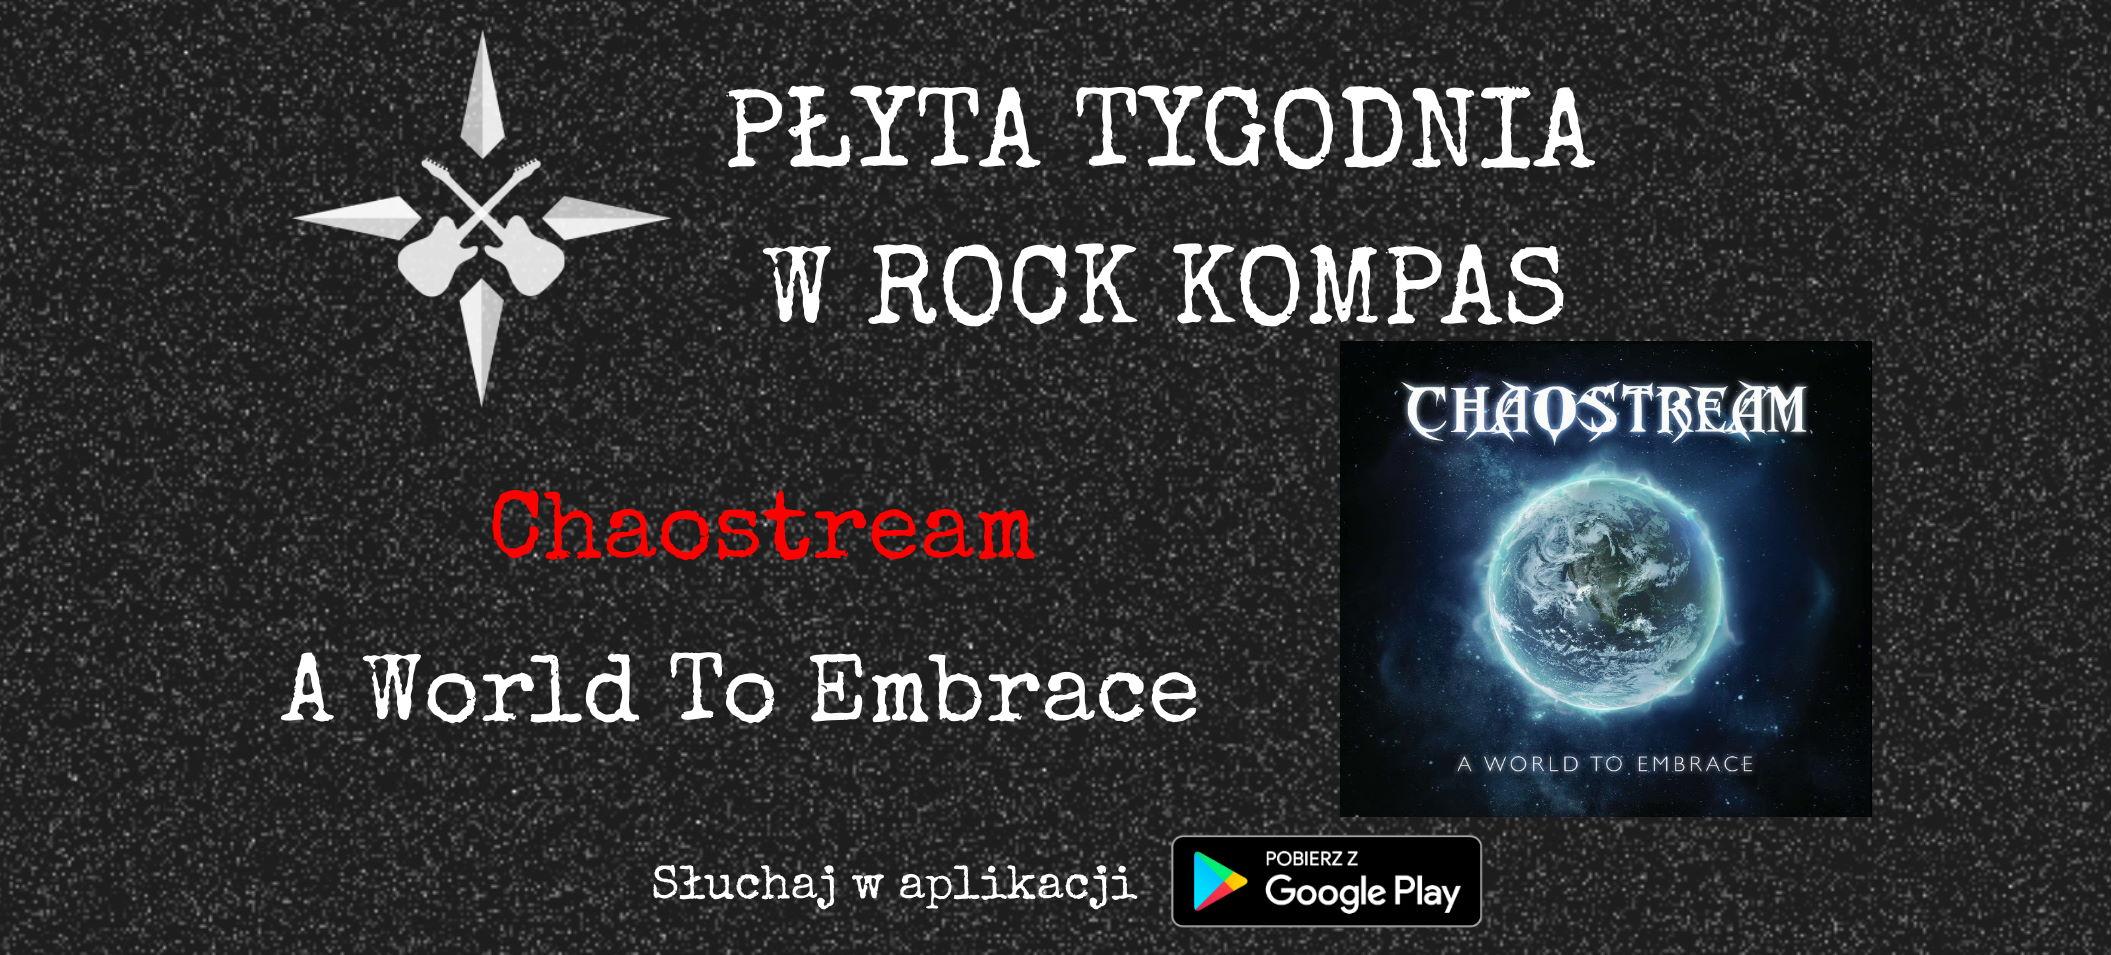 Płyta tygodnia w Rock Kompas: Chaostream - A World To Embrace